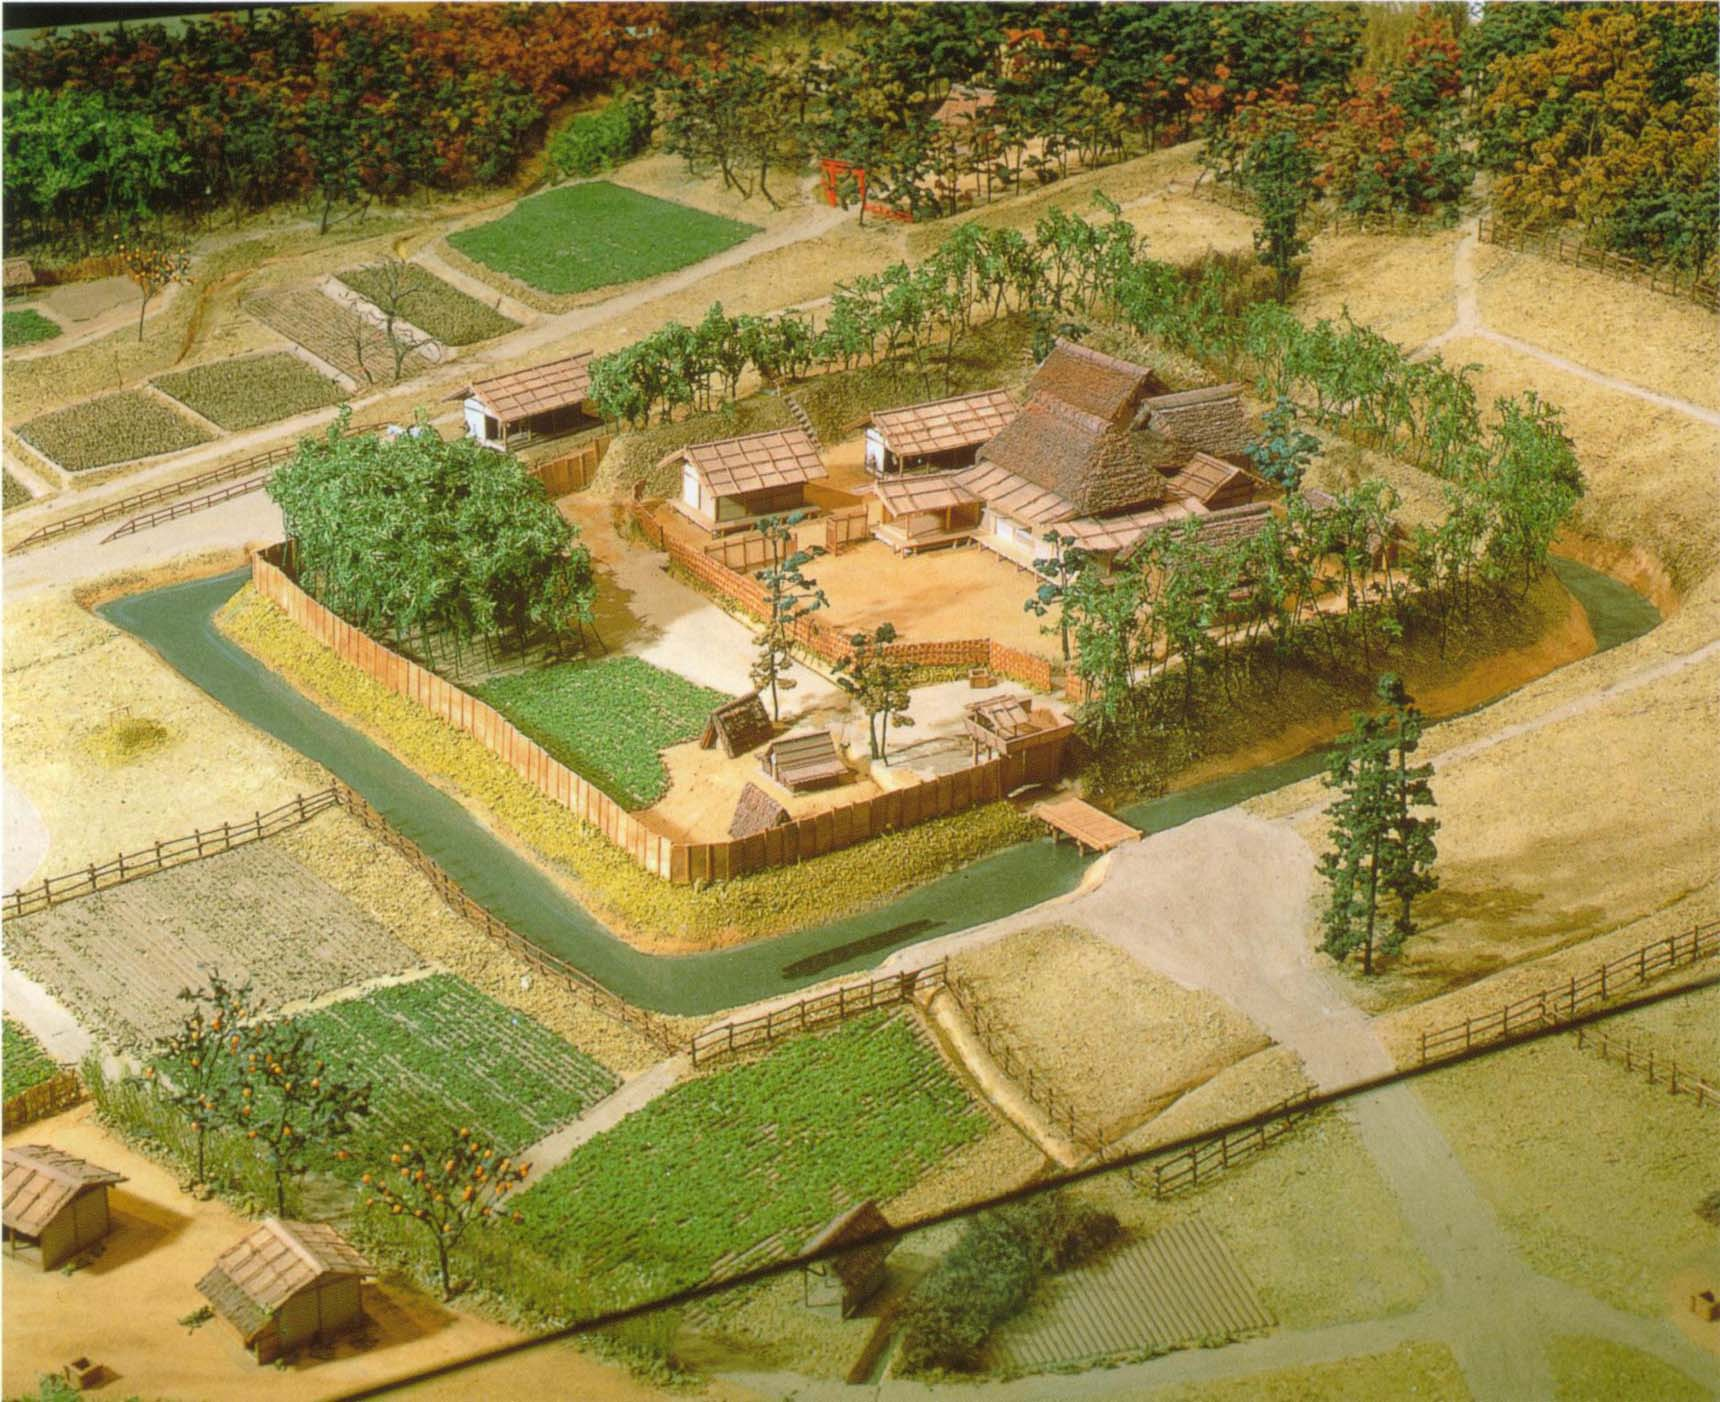 武士の館 鎌倉・南北朝期の東国の武士の館 絵巻物などをもとに想像して再現したそうです。 16世紀